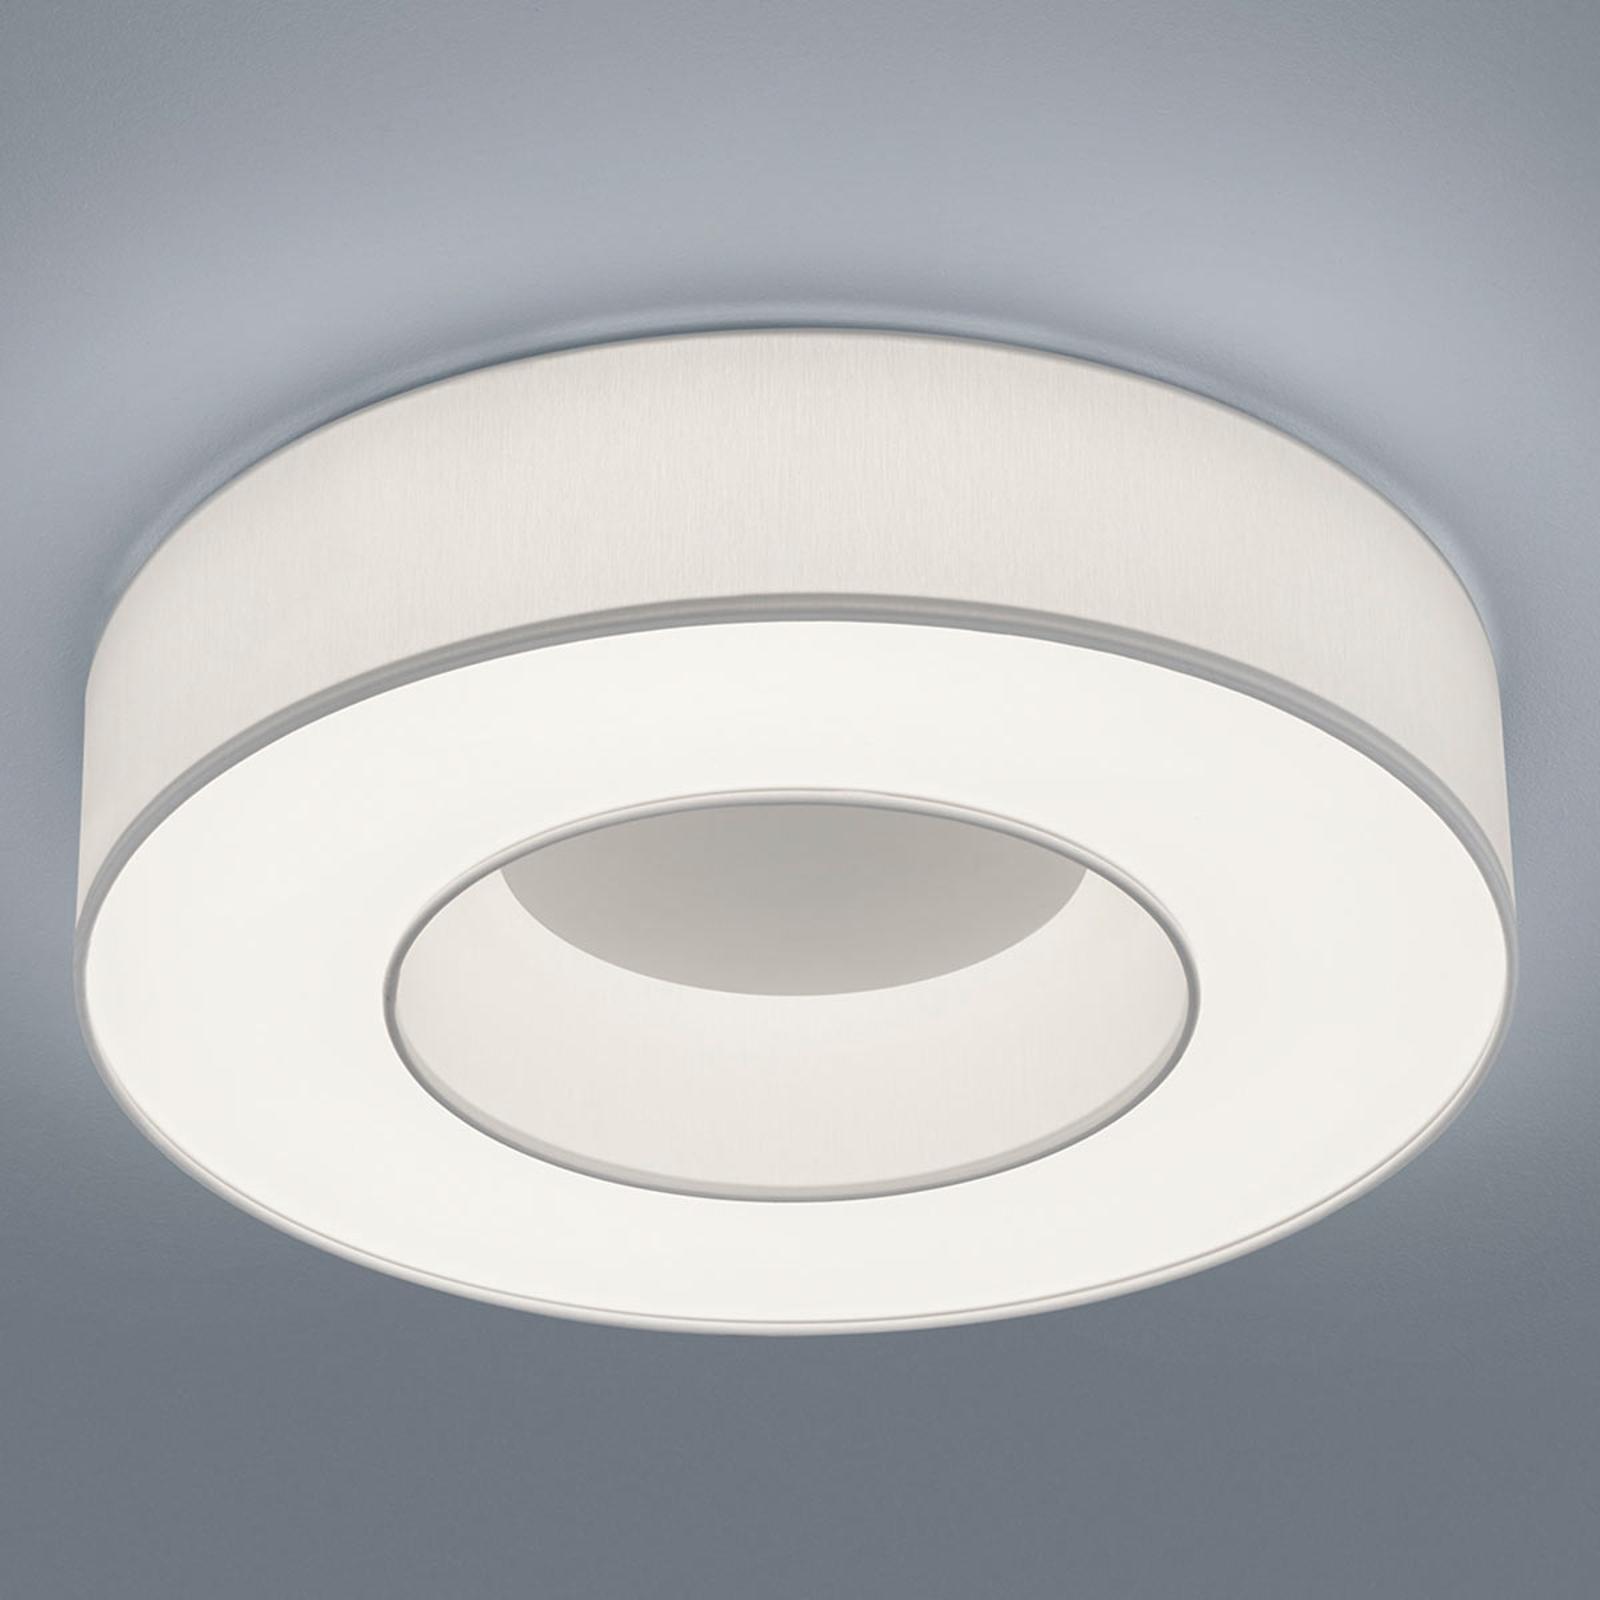 Helestra Lomo - LED-taklampe, chintz hvit